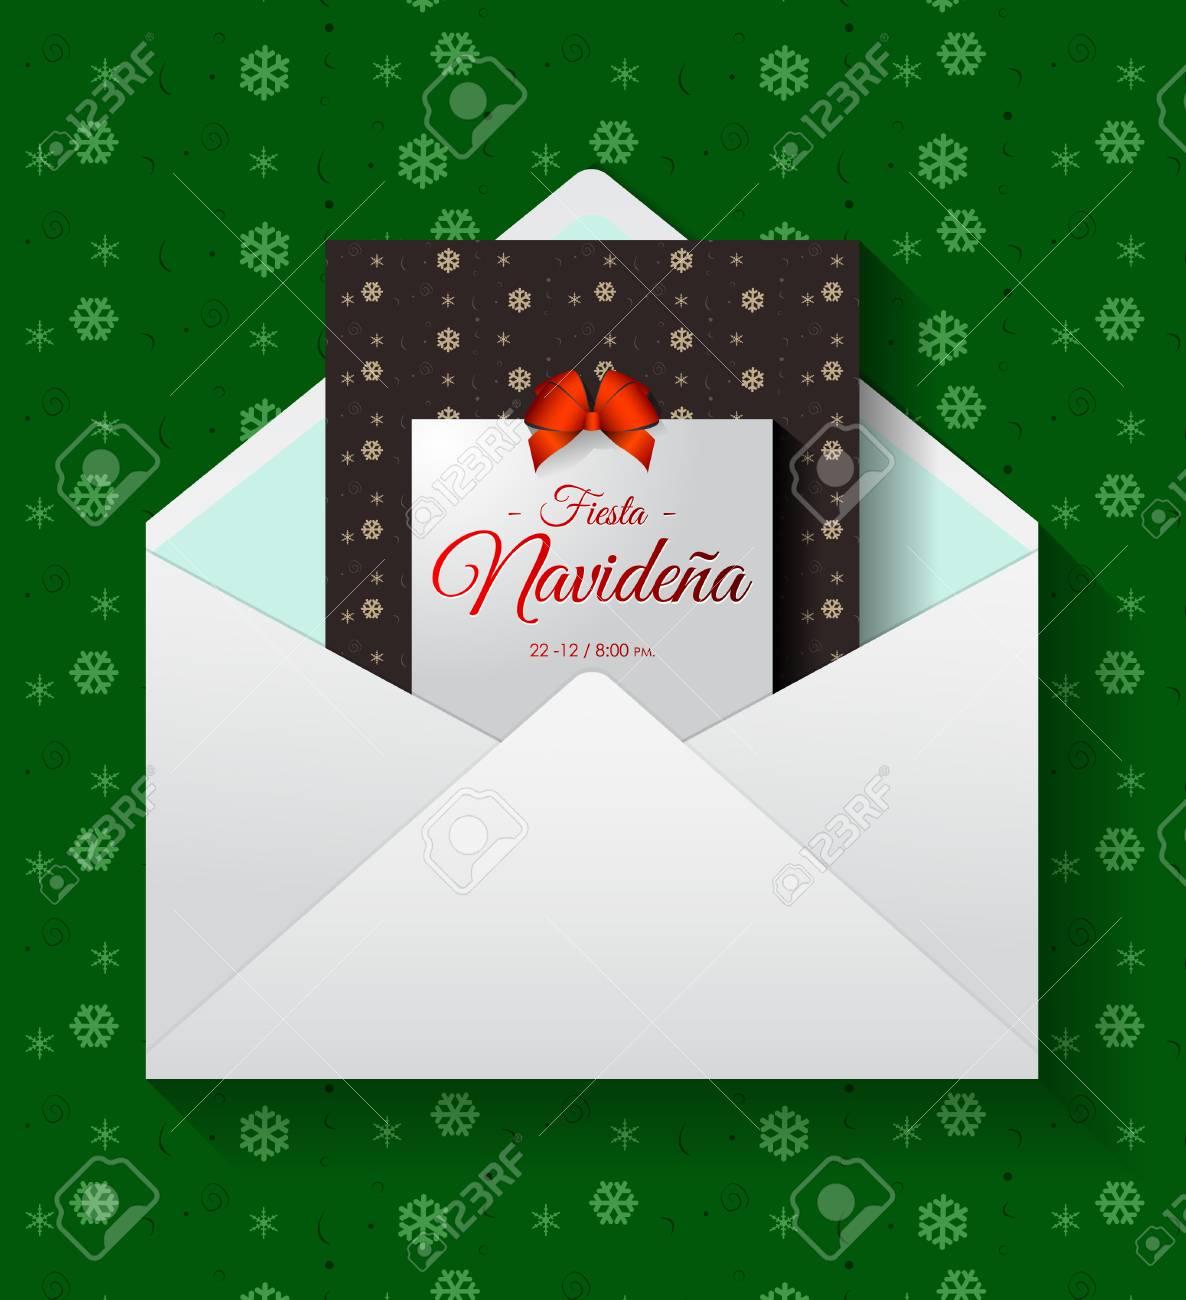 Fiesta Navideña Traducción Española Fiesta De Navidad Invitación De Tarjeta De Vacaciones De Vector